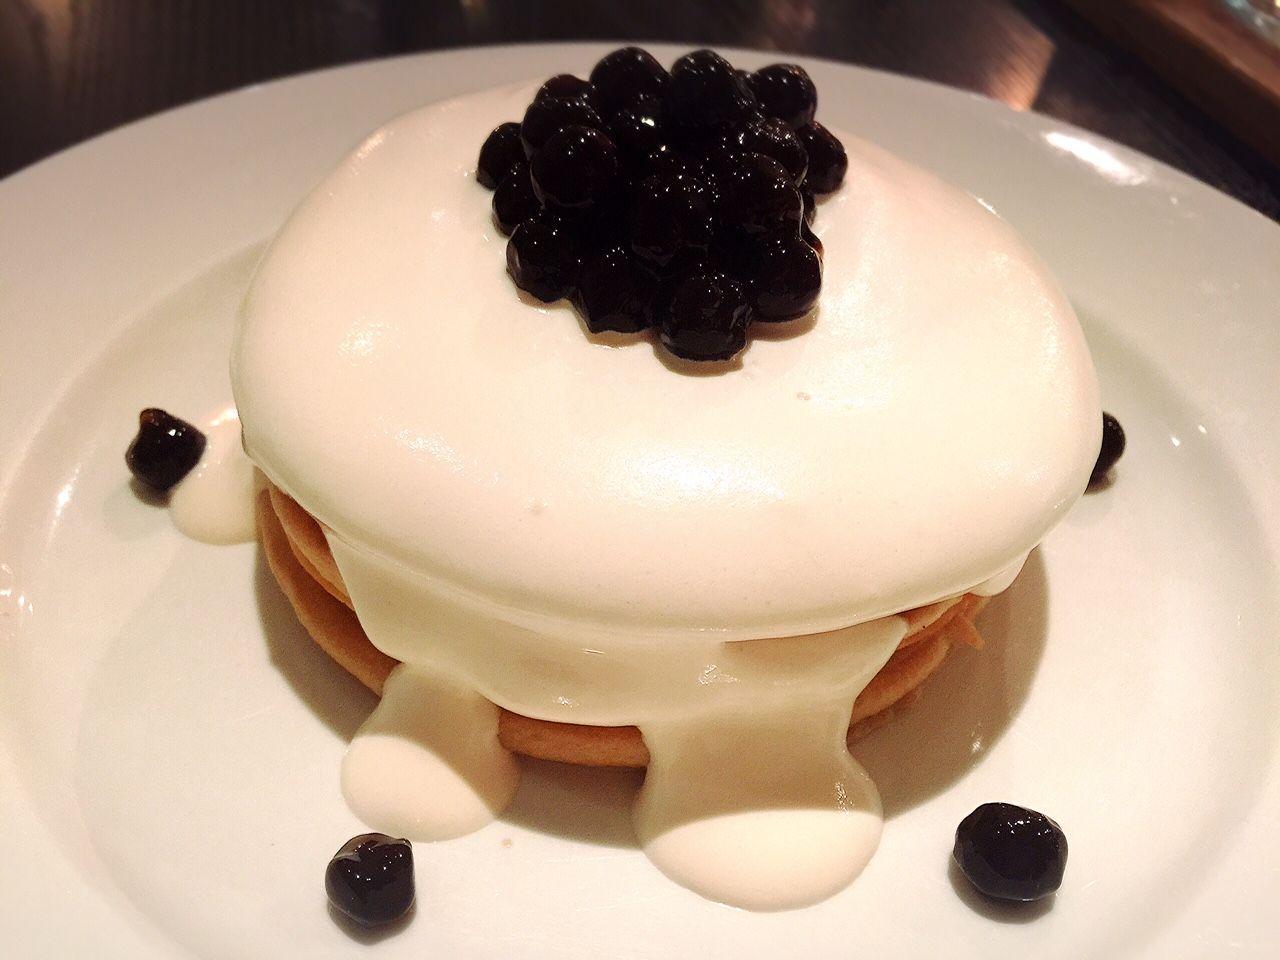 タピオカミルクティーパンケーキタワー(珍珠奶茶鬆餅塔) まず、見た目が可愛い! 女性率100%のカフェですから、とにかく見た目が重要なのです。